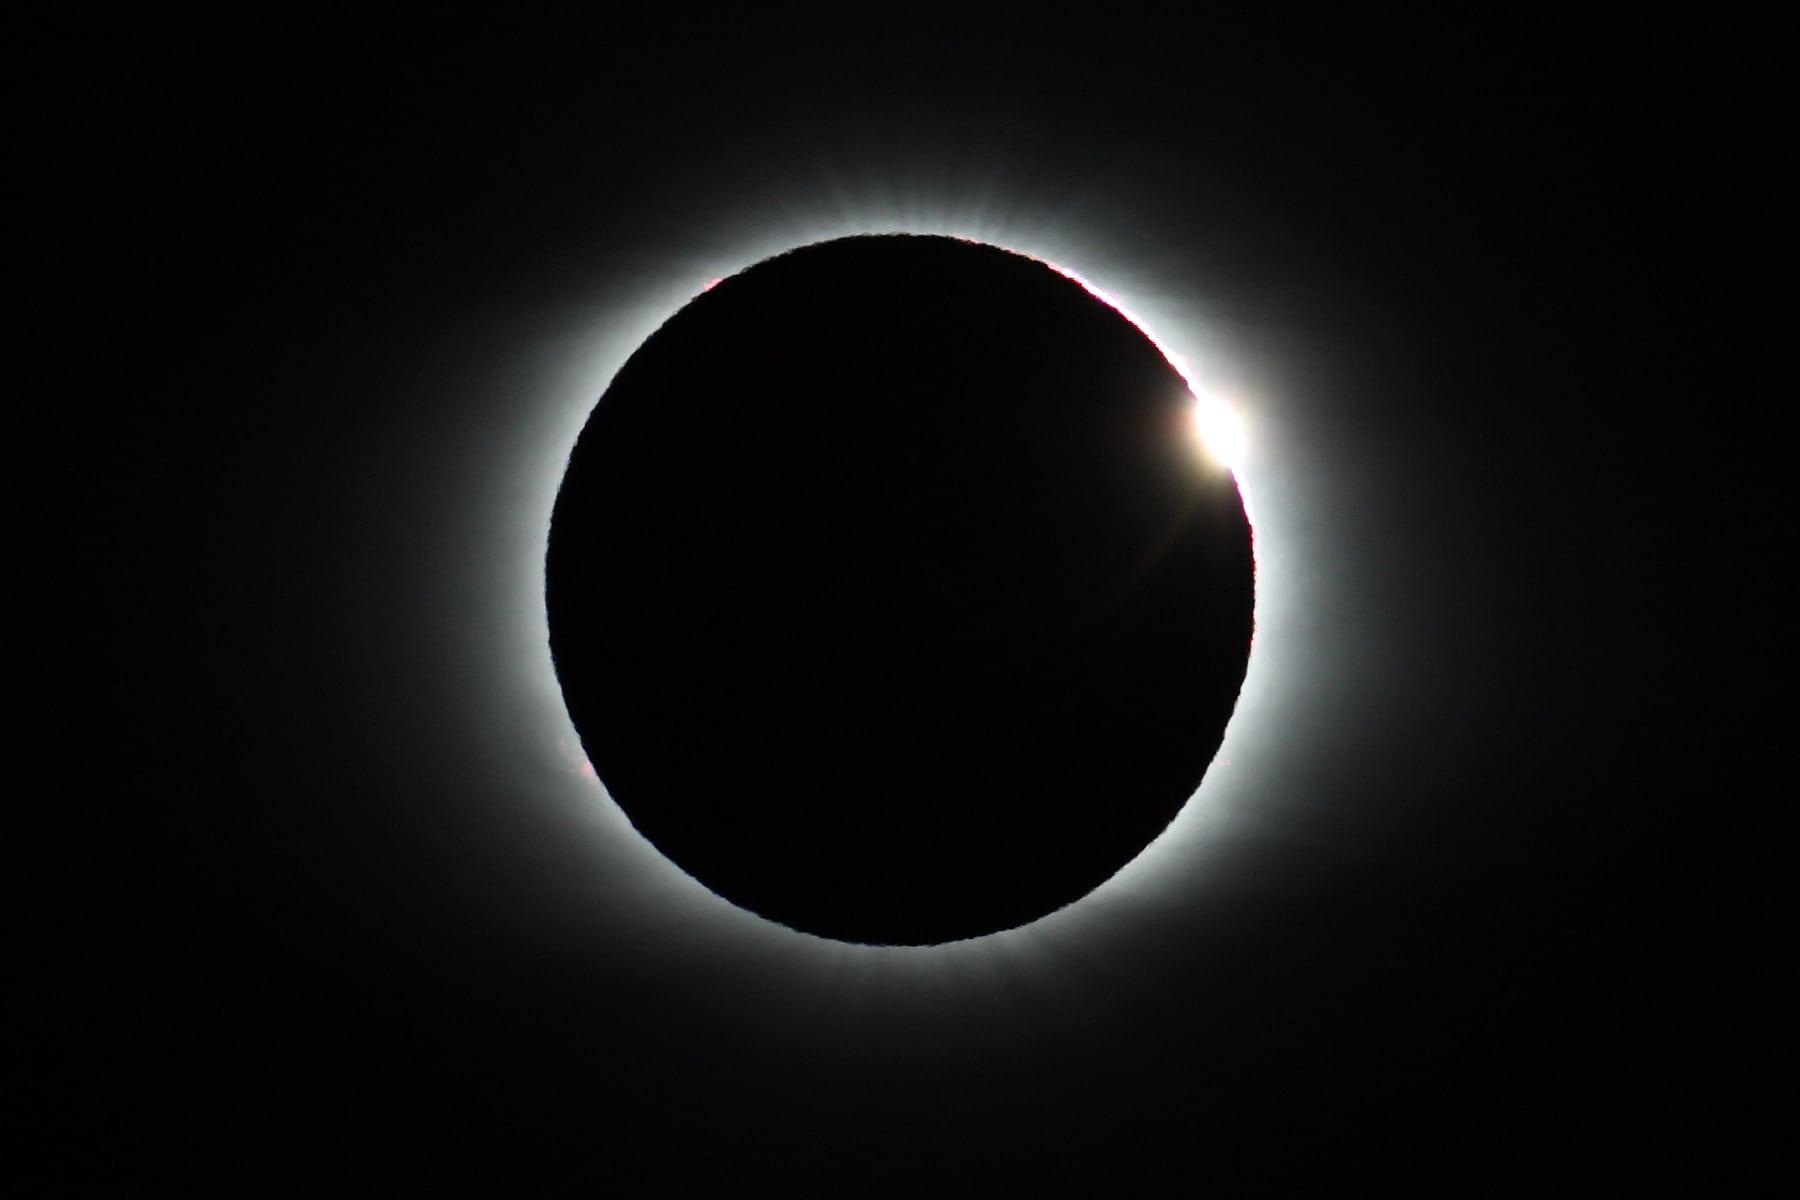 Sonnenfinsternis am 2. Juli 2019 in Chile